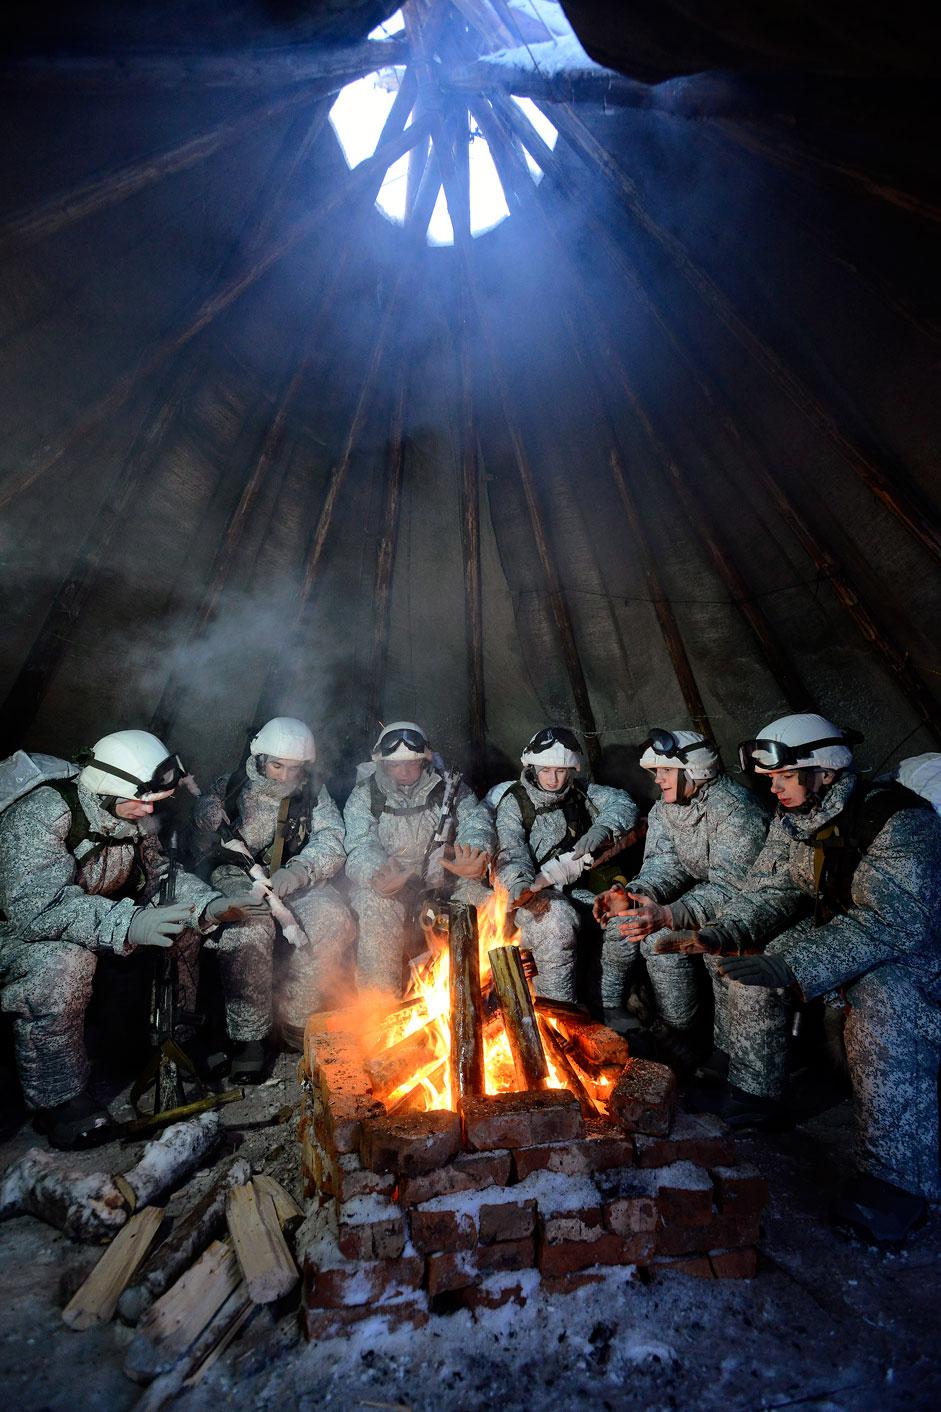 Die 80. motorisierte Schützenbrigade wärmt sich während einer Pause ihres Manövers auf. Sie sind im Dorf Alakurtti in der Oblast Murmansk stationiert.